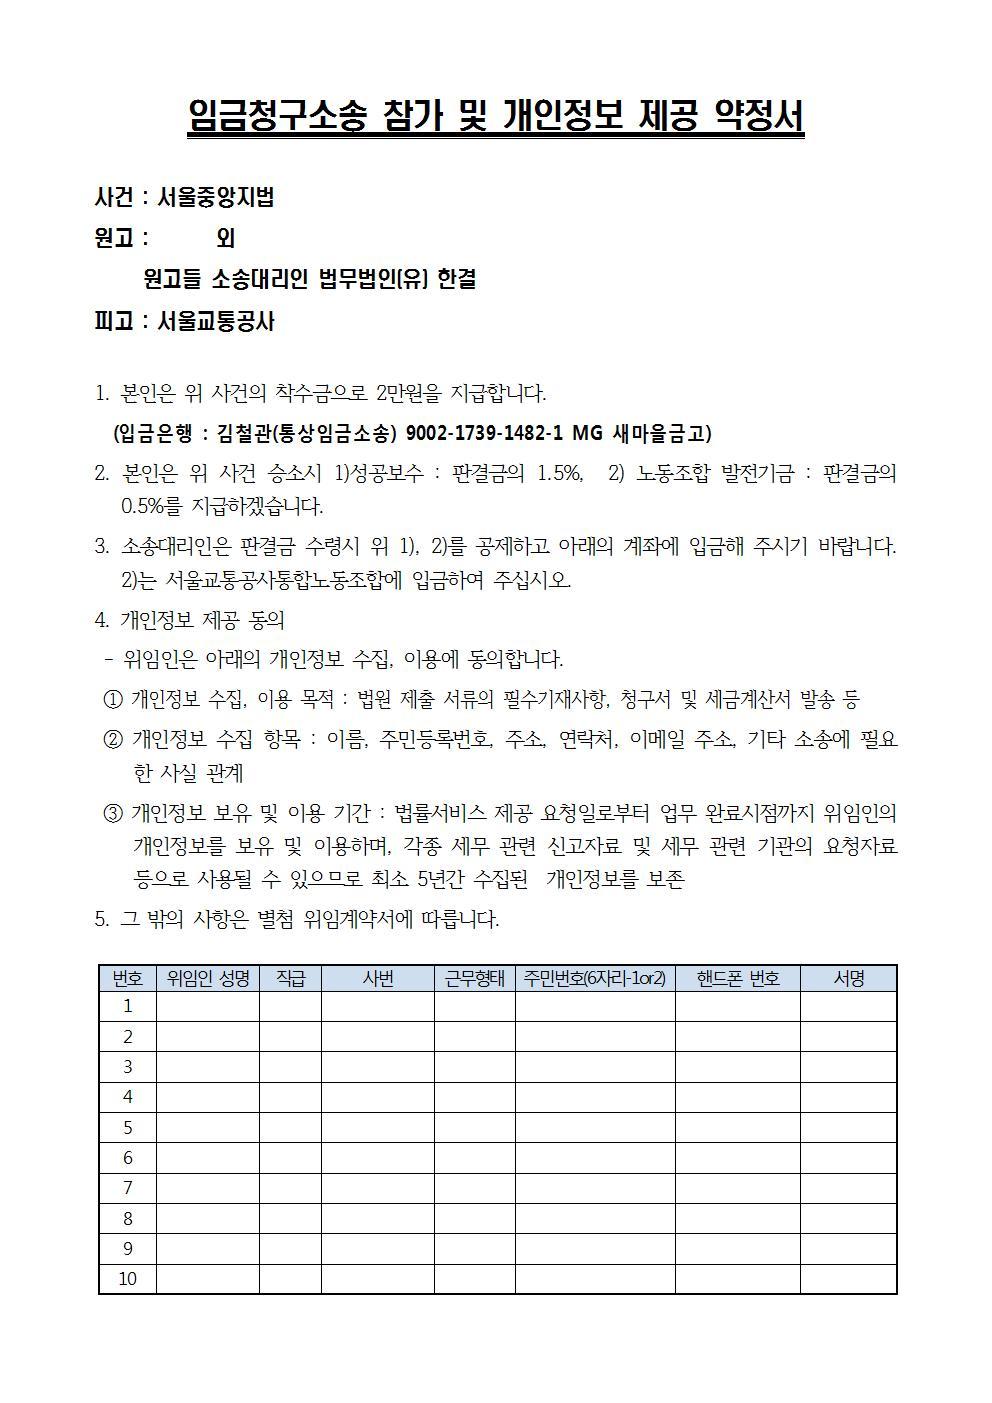 5차 임금청구소송 약정서001.jpg